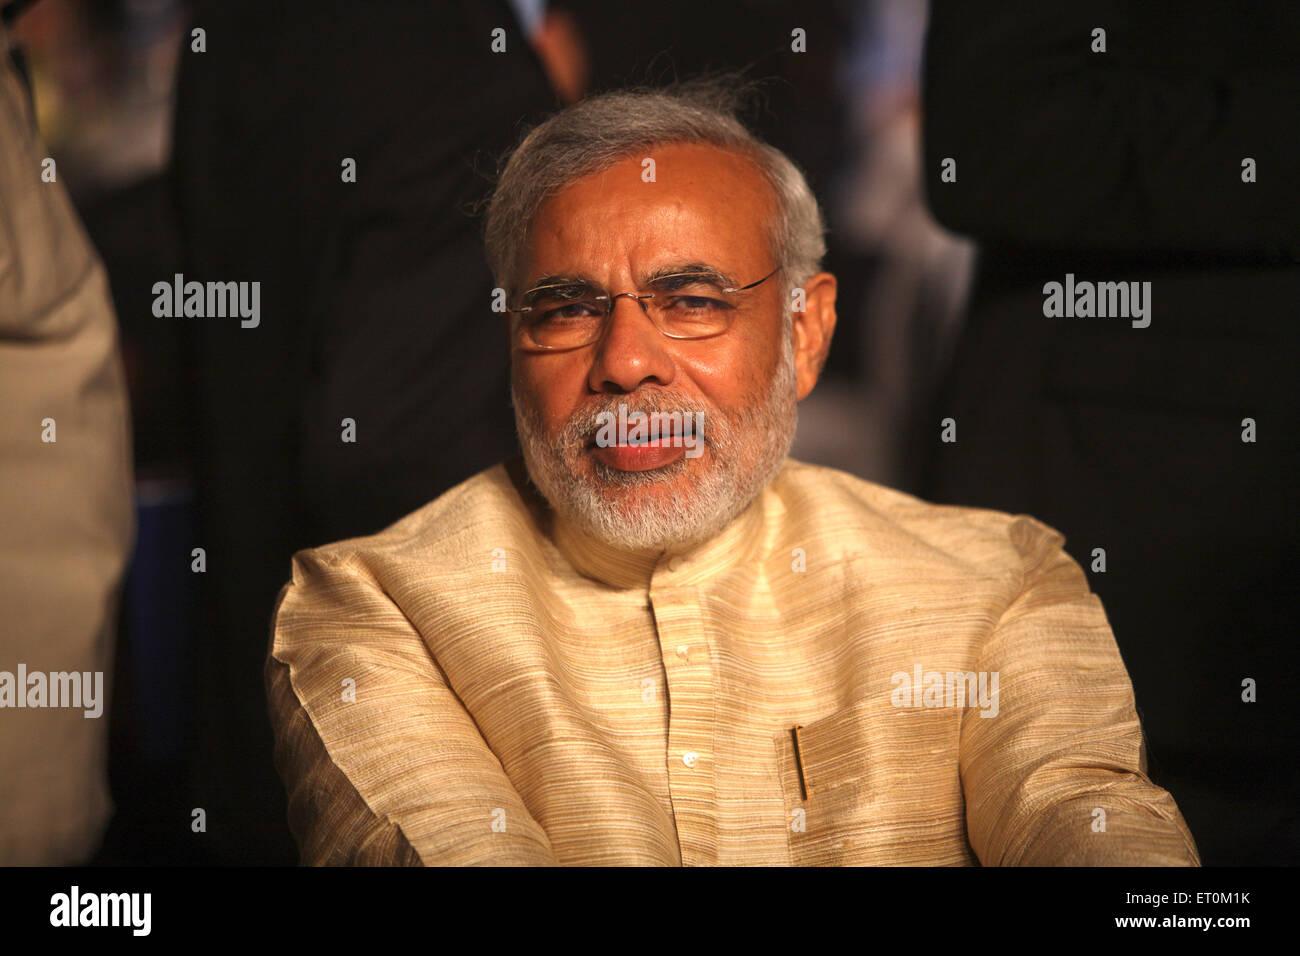 Narendra Modi Prime Minister of India - mpd 160160 - Stock Image